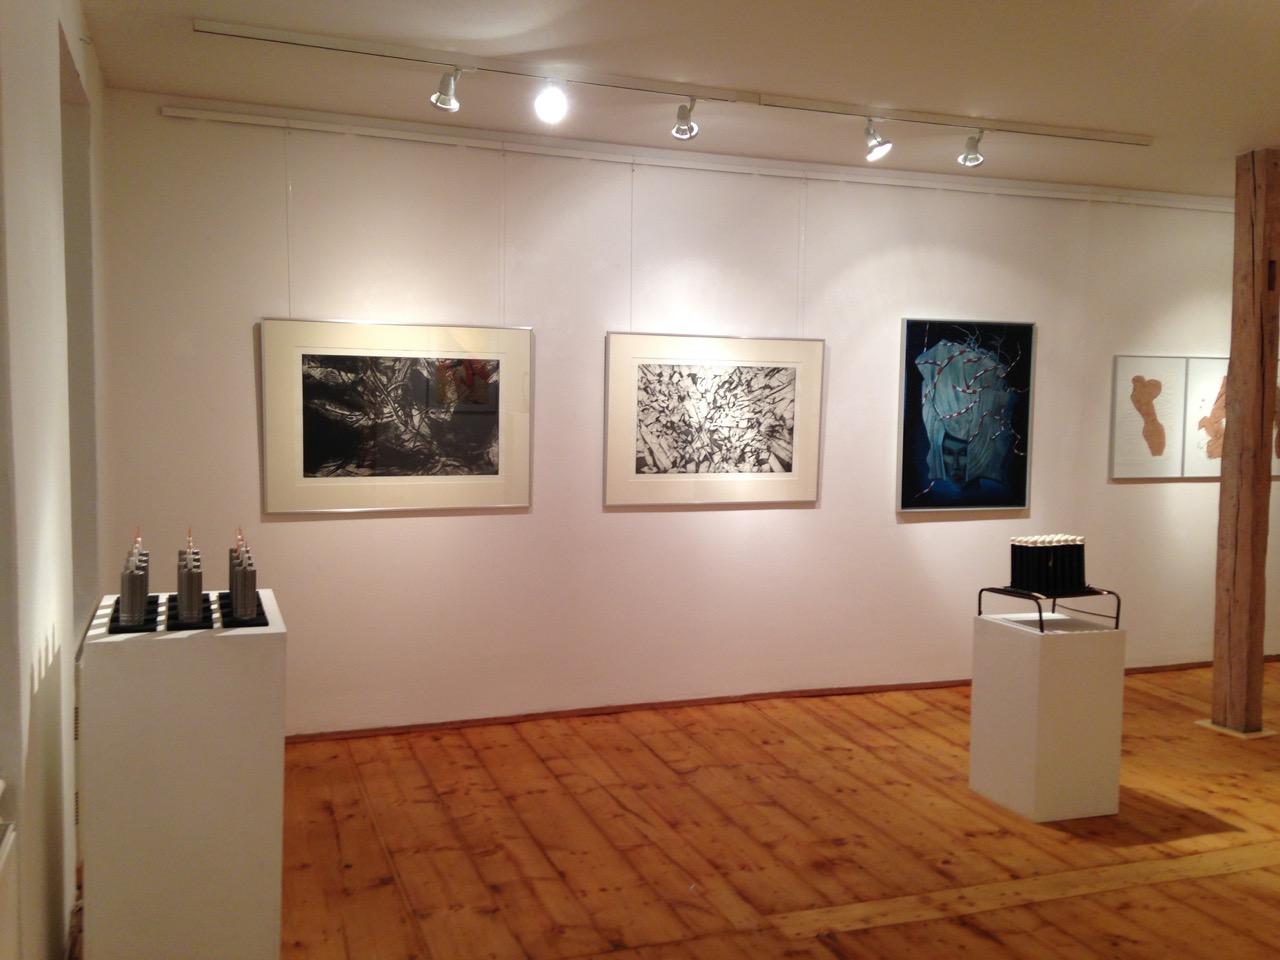 Galerie Raskolnikow Ausstellungseinblick KASSANDRA FOLGEN